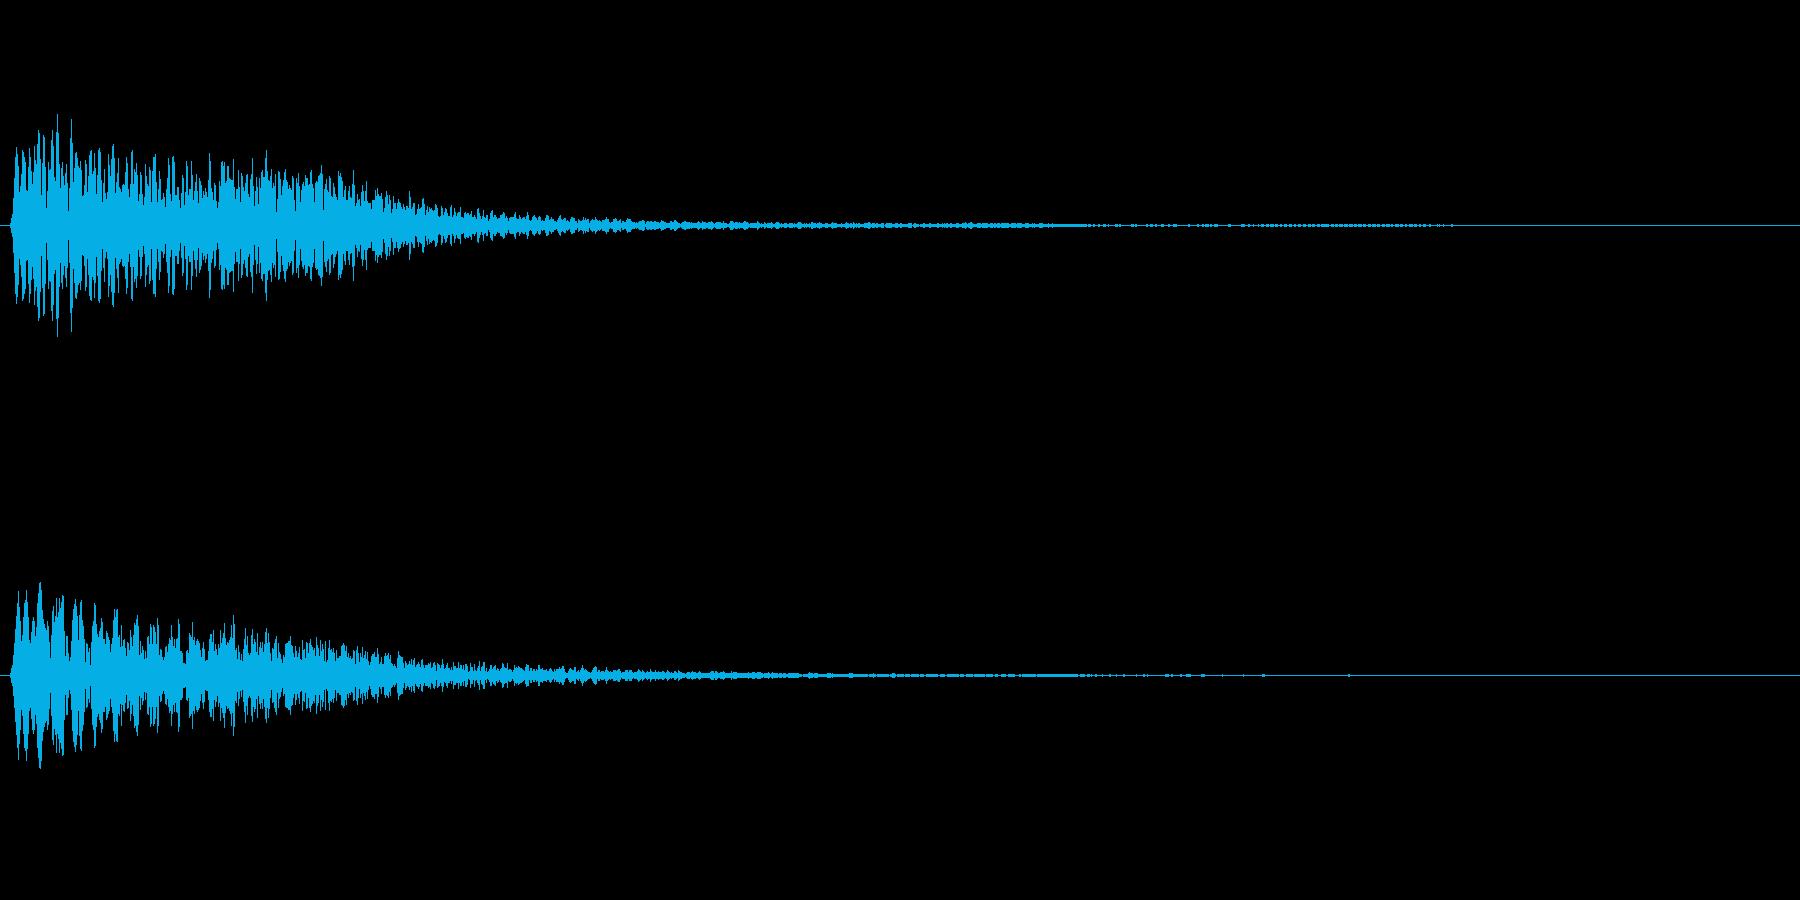 ハープの上昇フレーズ(豪華な場面転換)の再生済みの波形